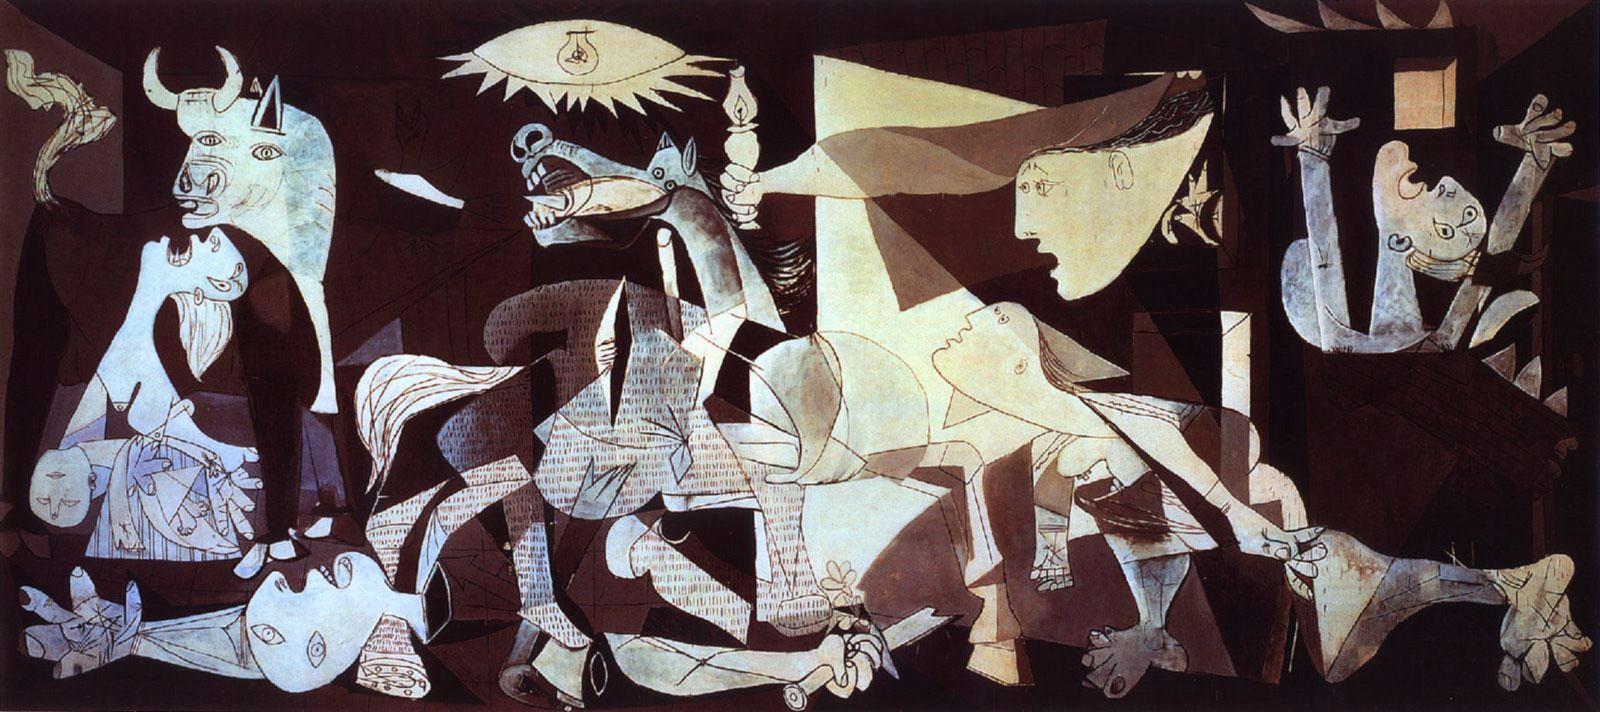 Mostra di Pablo Picasso a Sorrento